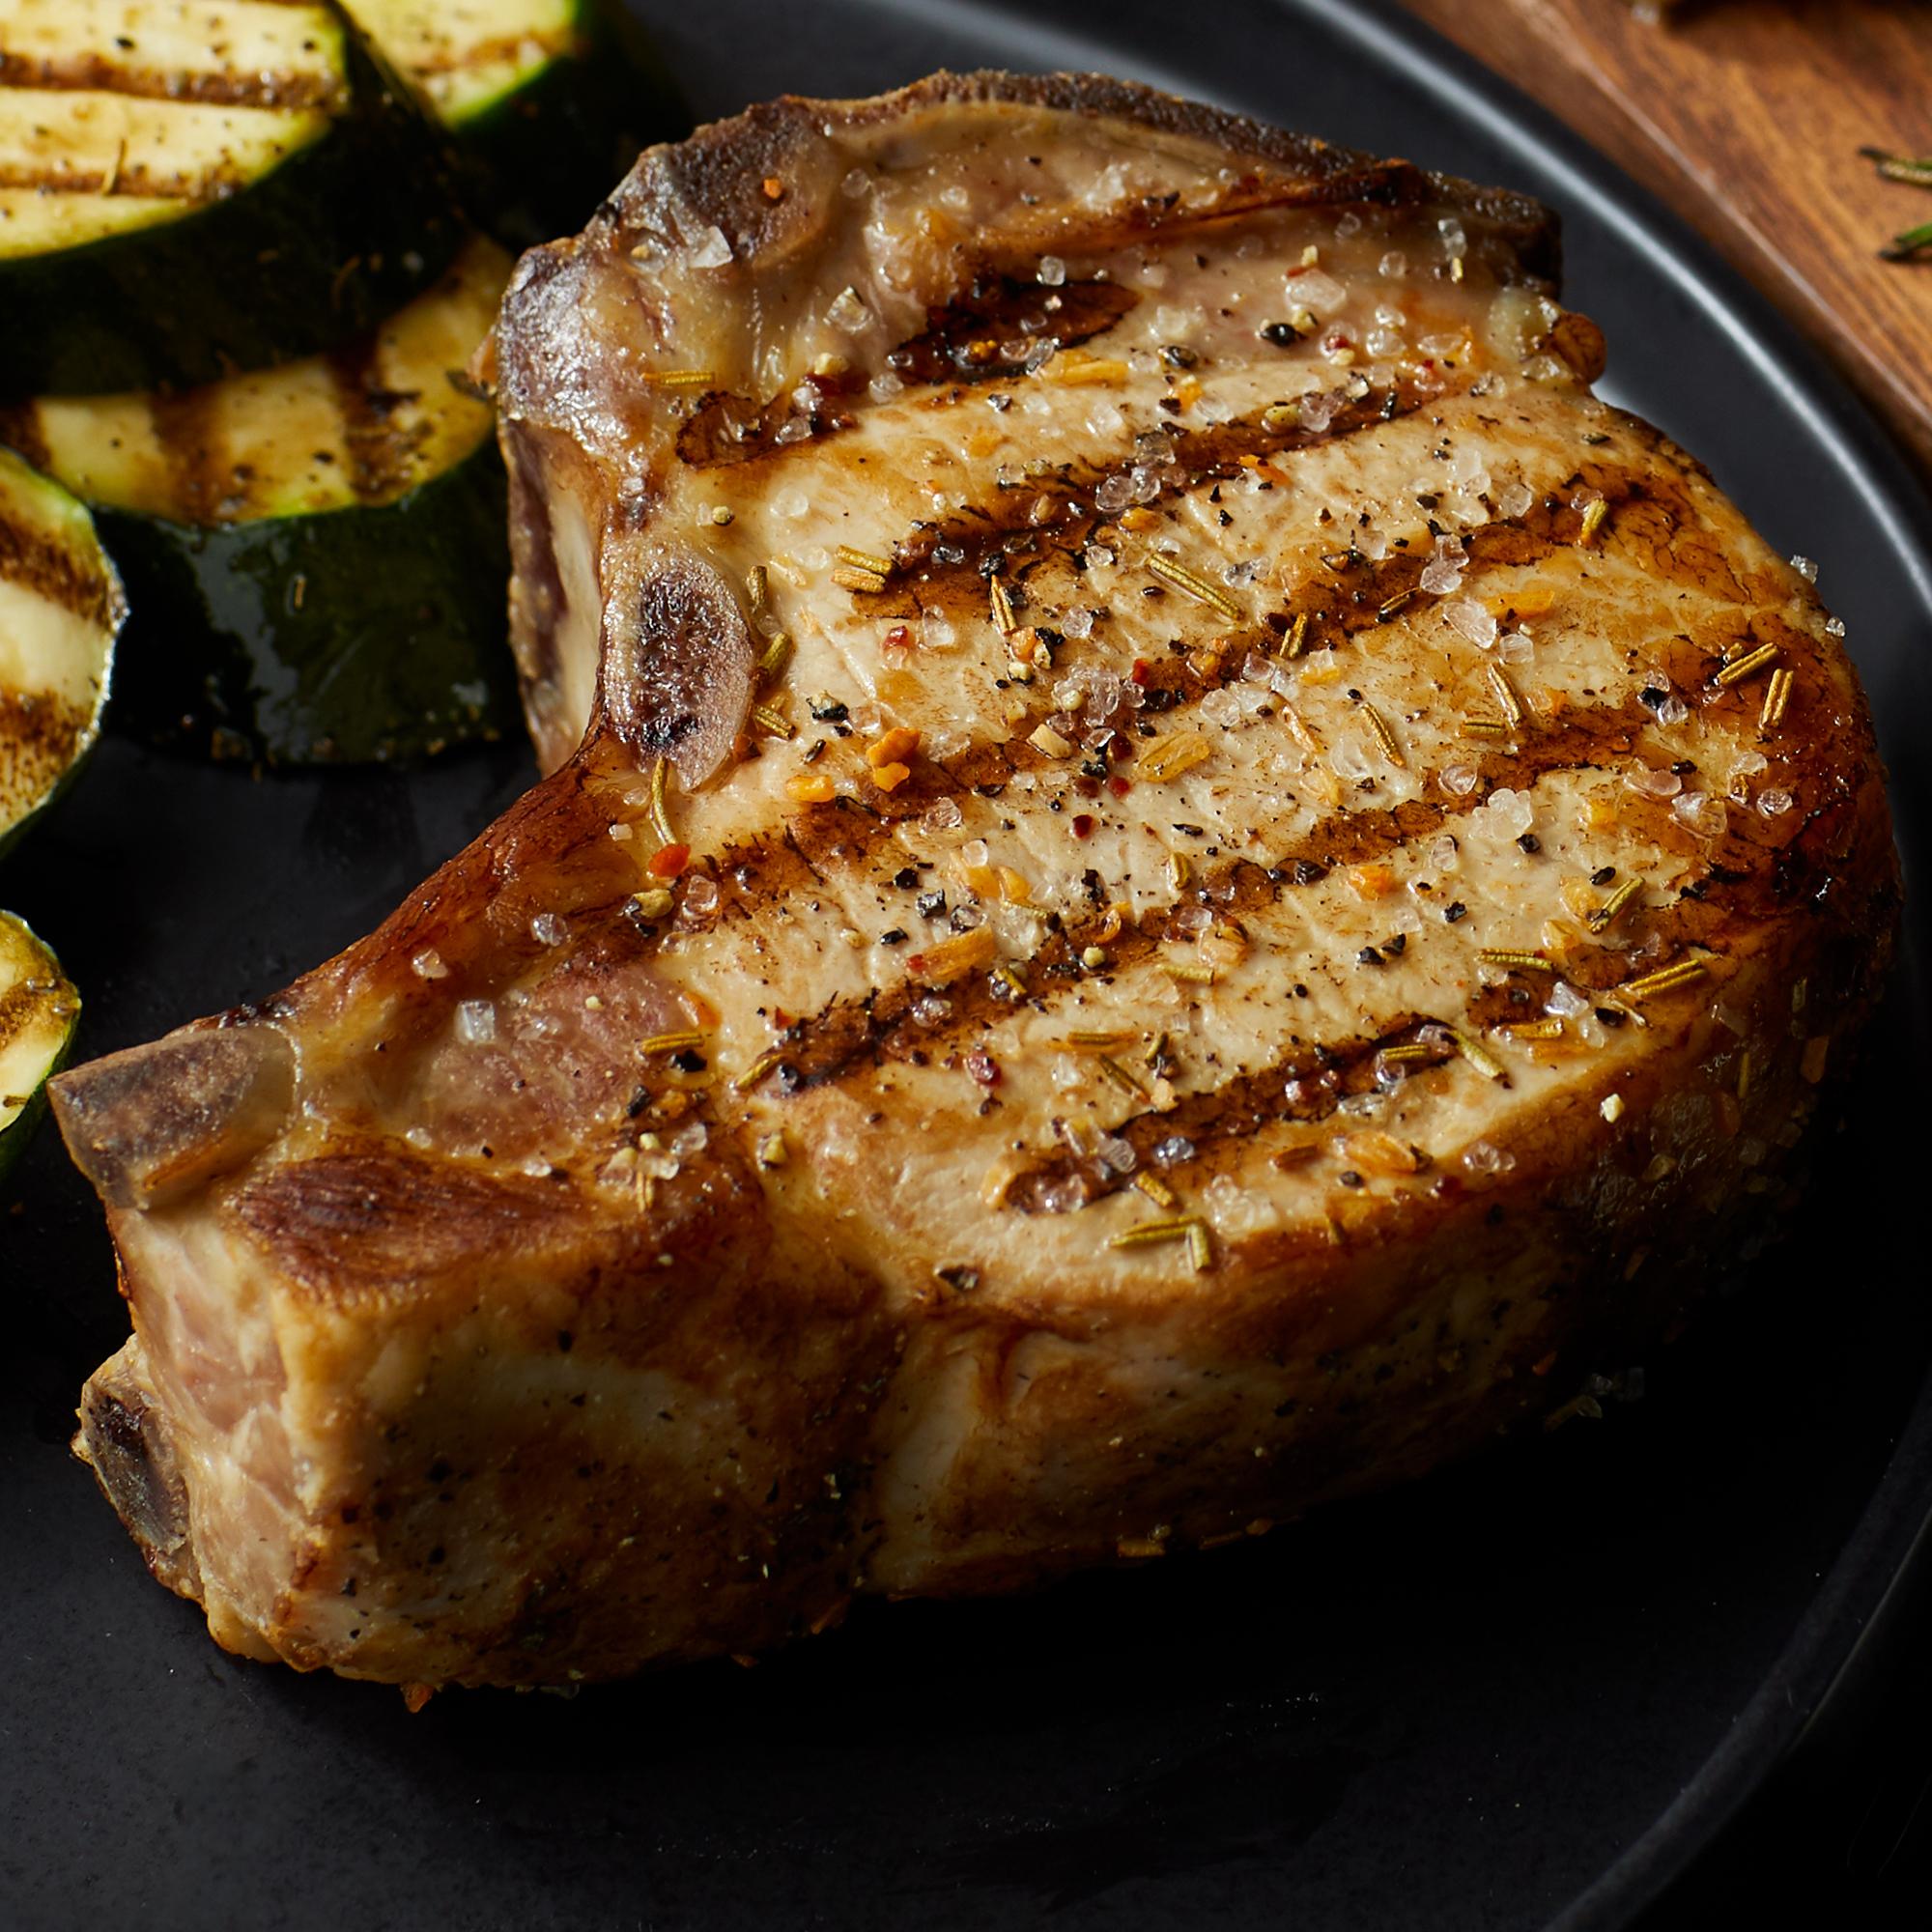 (4) Duroc 12 oz. Dry-Aged Pork Chops